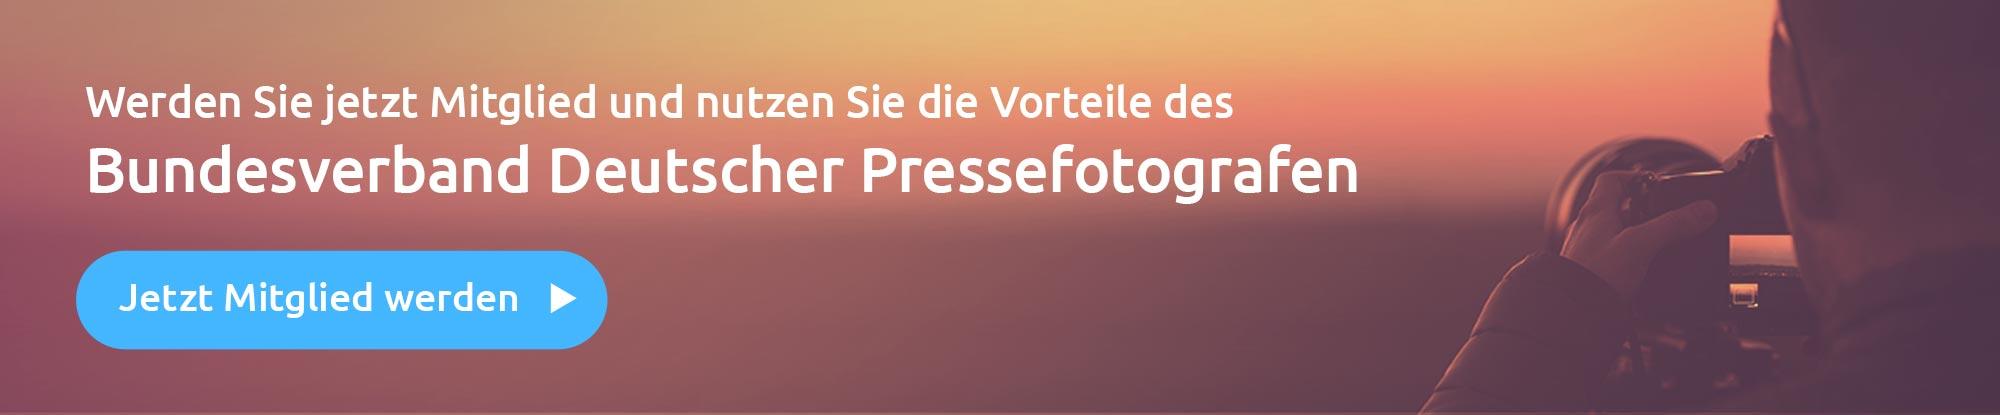 Jetzt Mitglied werden beim Bundesverband Deutscher Pressefotografen